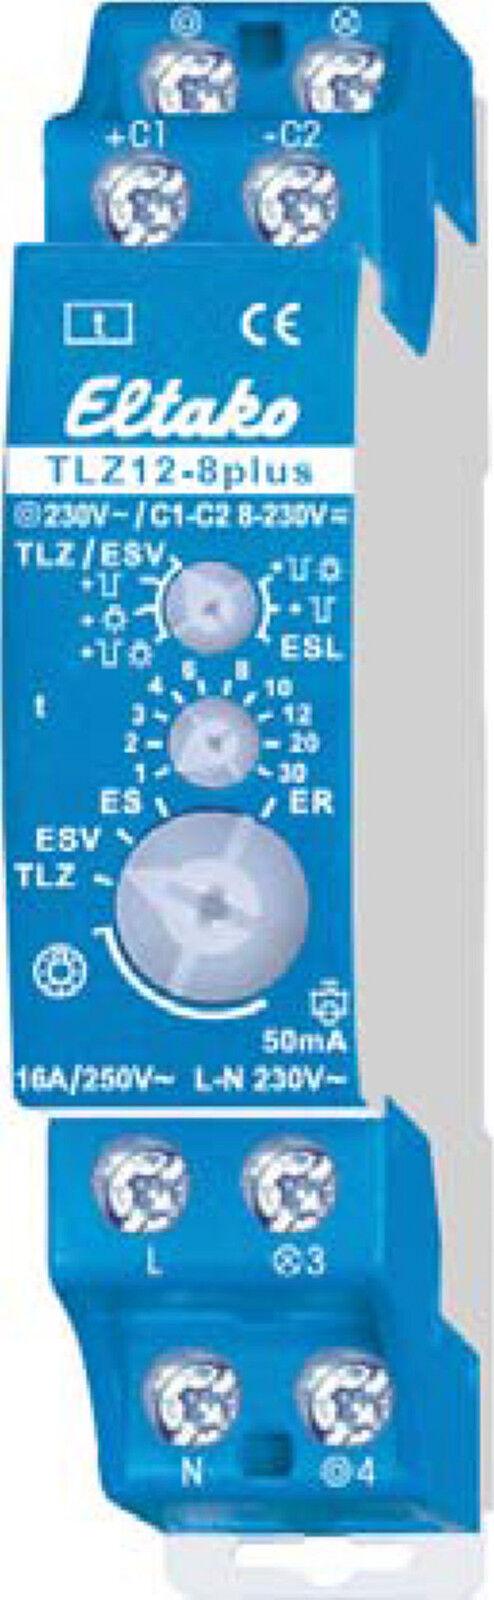 Eltako TLZ12-8PLUS Treppenlicht-Zeitschalter 230V, 16 A, - neu  | Outlet Store